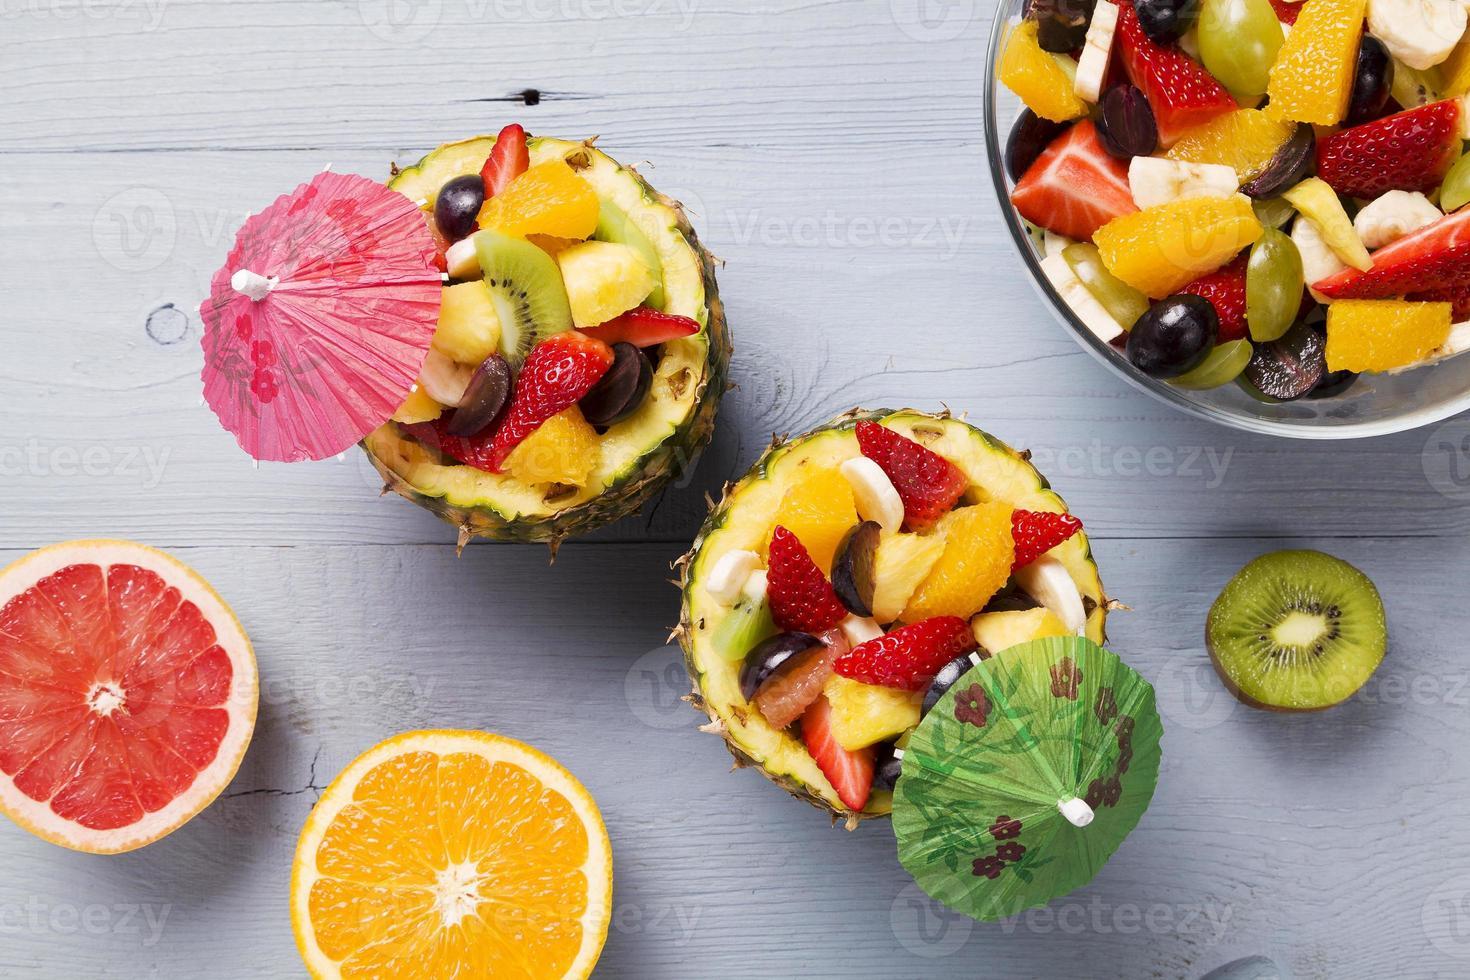 salade de fruits frais servie dans des bols avec ananas frais photo